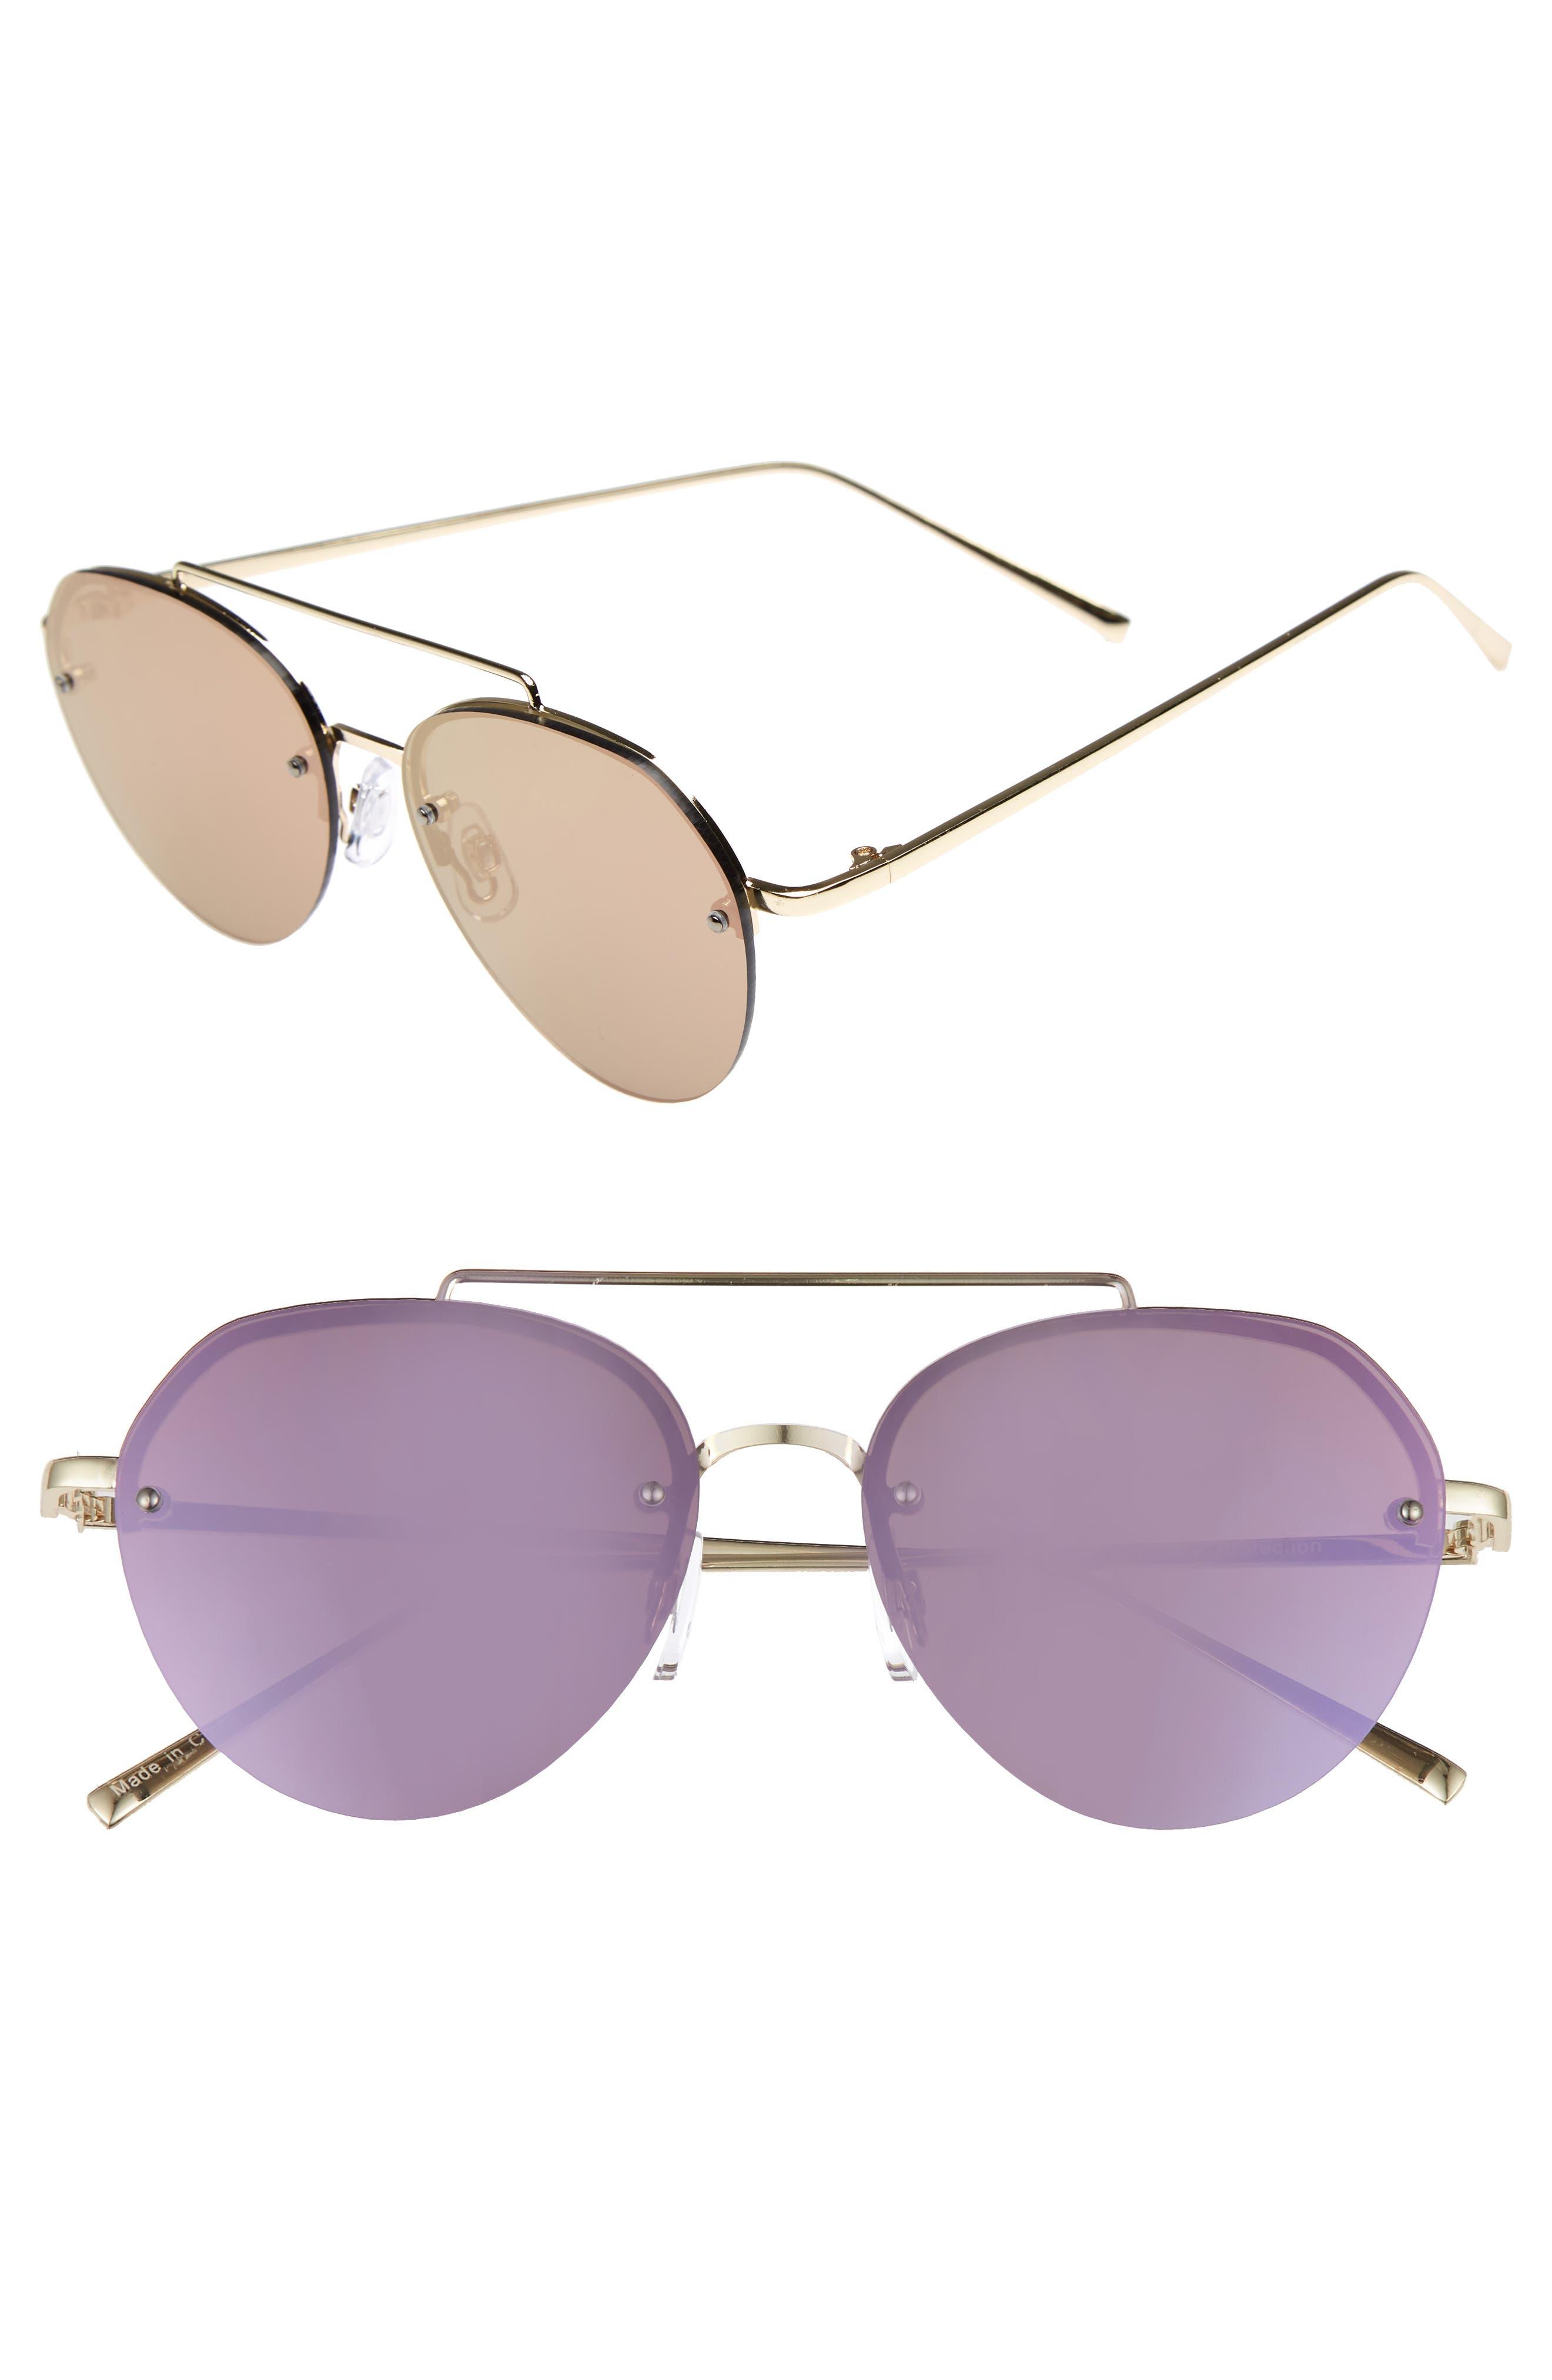 Gradient Petite Aviator Sunglasses,                         Main,                         color, Lavender